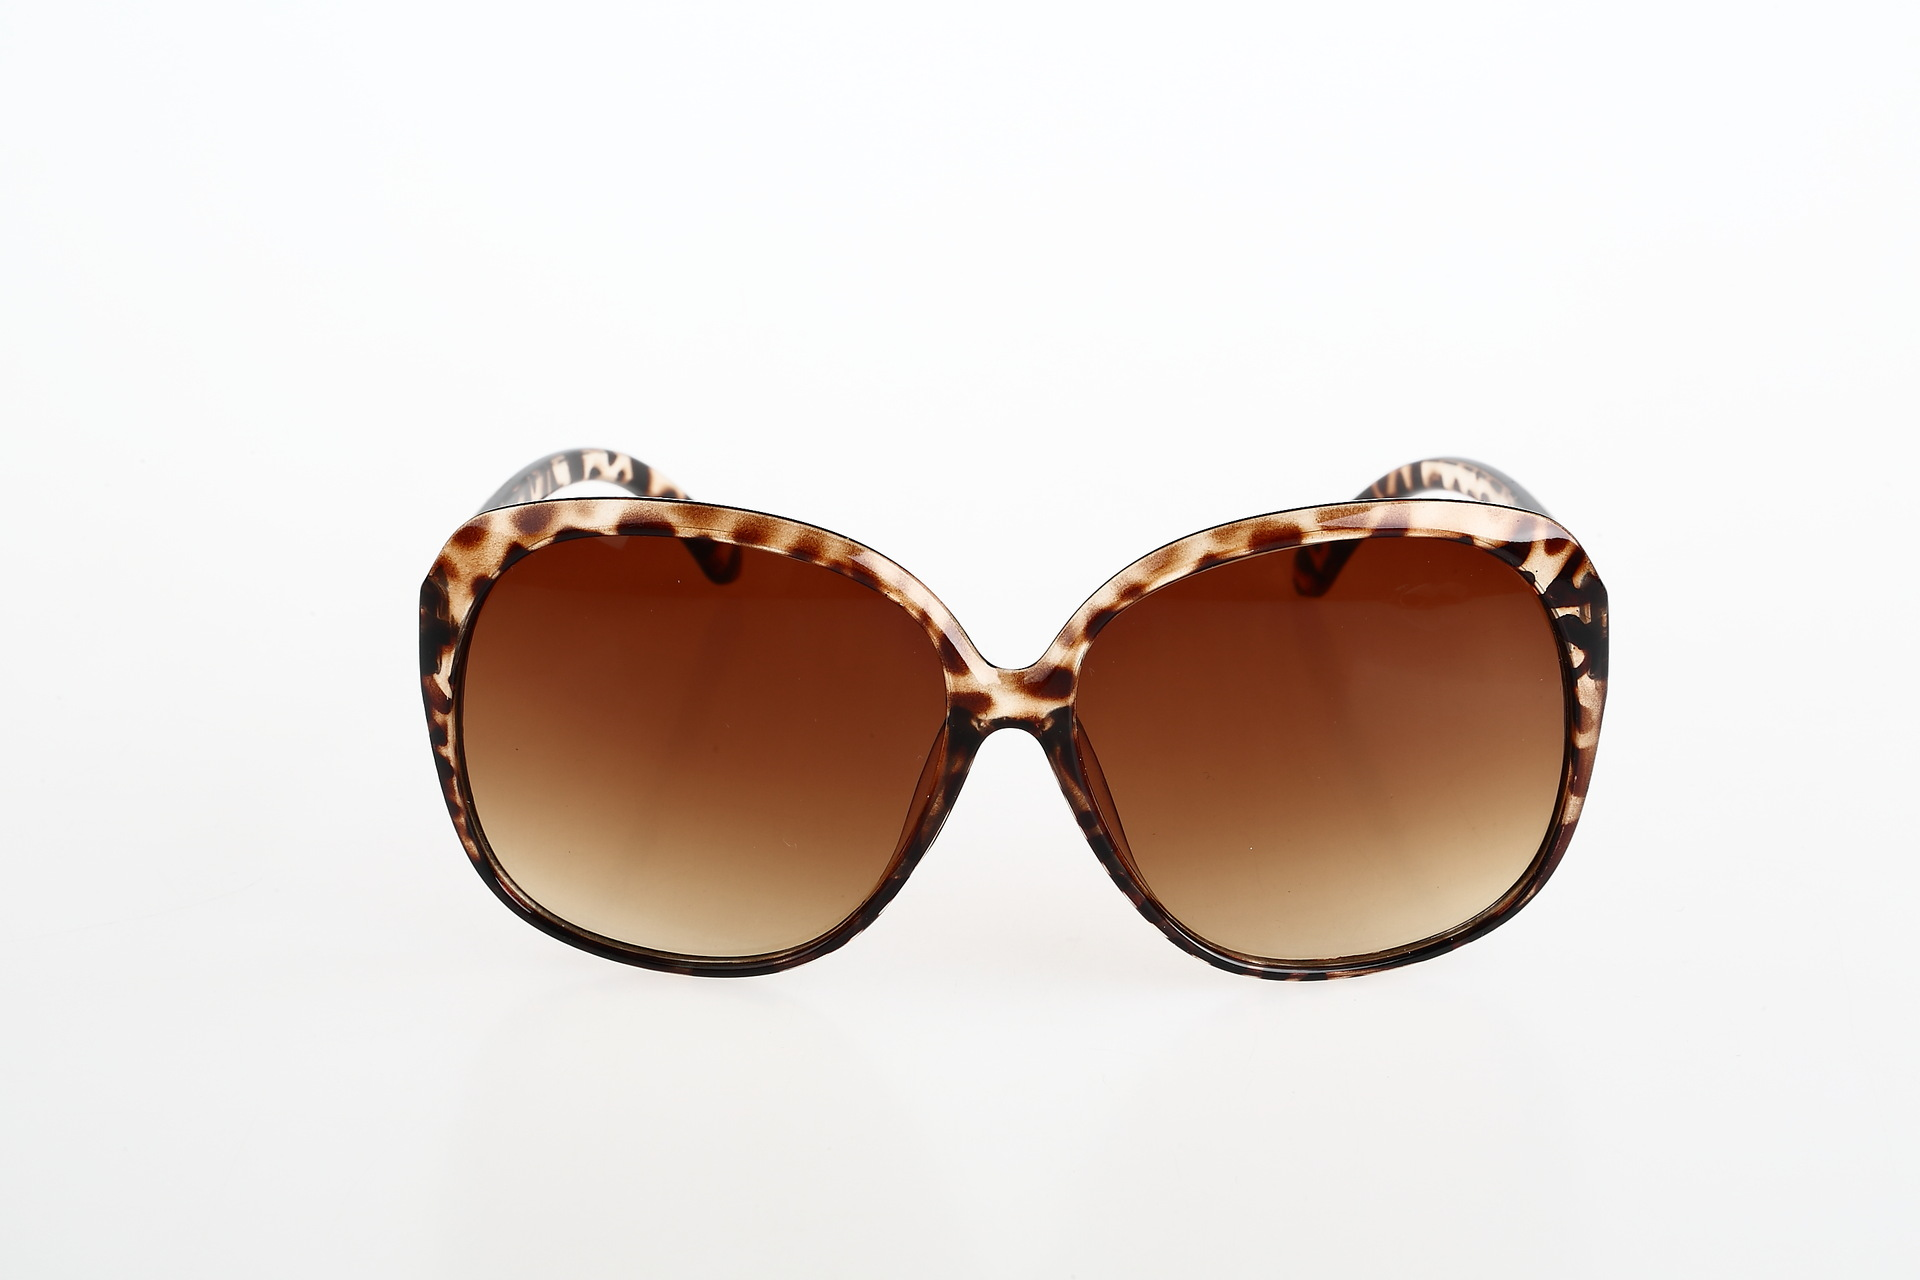 Рыбалка вождения прямоугольник поляризованных солнцезащитных очков Для женщин 2018 мужчины океан градиент без оправы ретро очки авиации ...